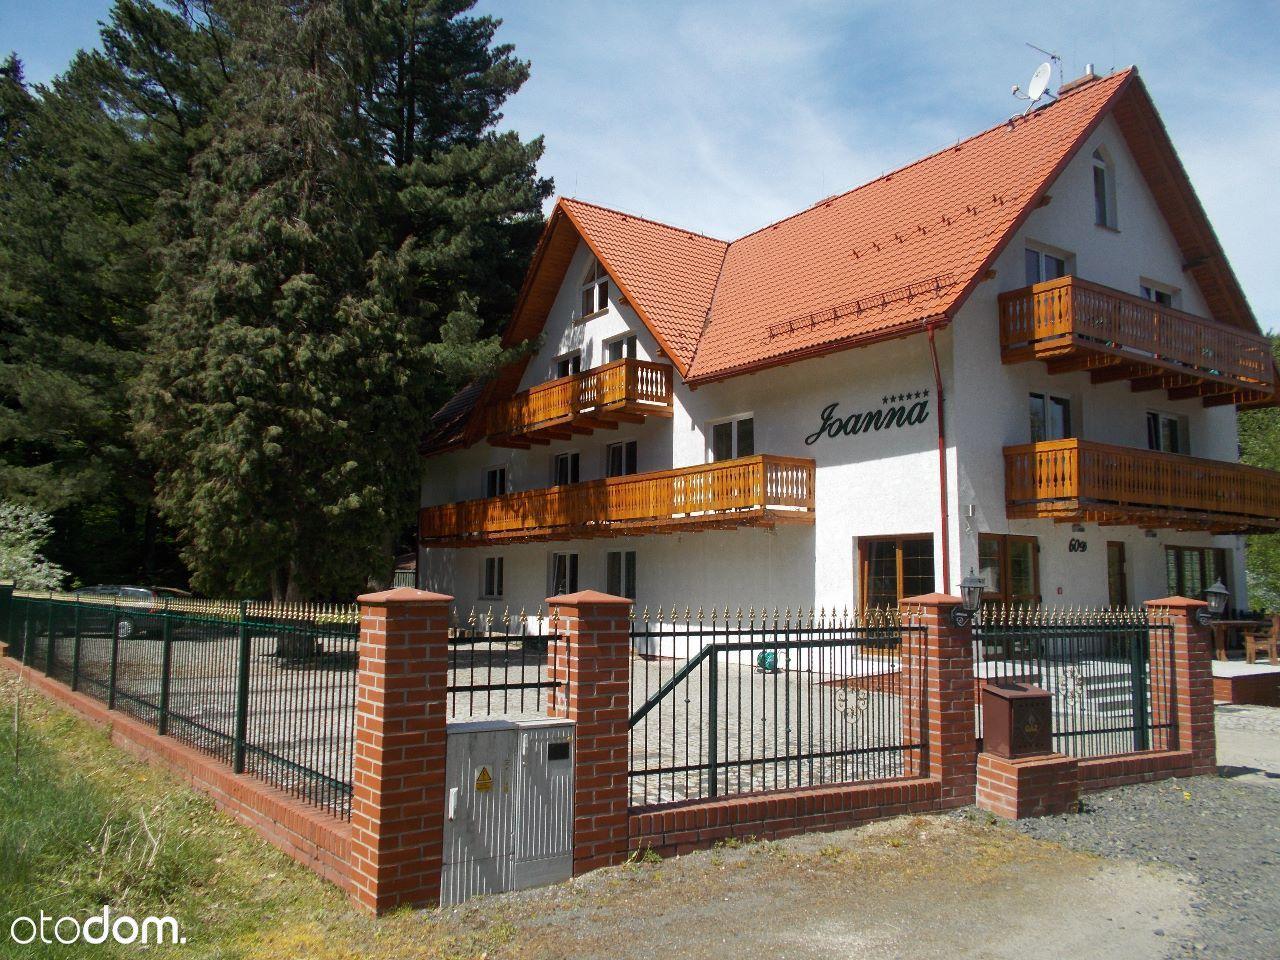 Dom na sprzedaż, Szklarska Poręba, jeleniogórski, dolnośląskie - Foto 1